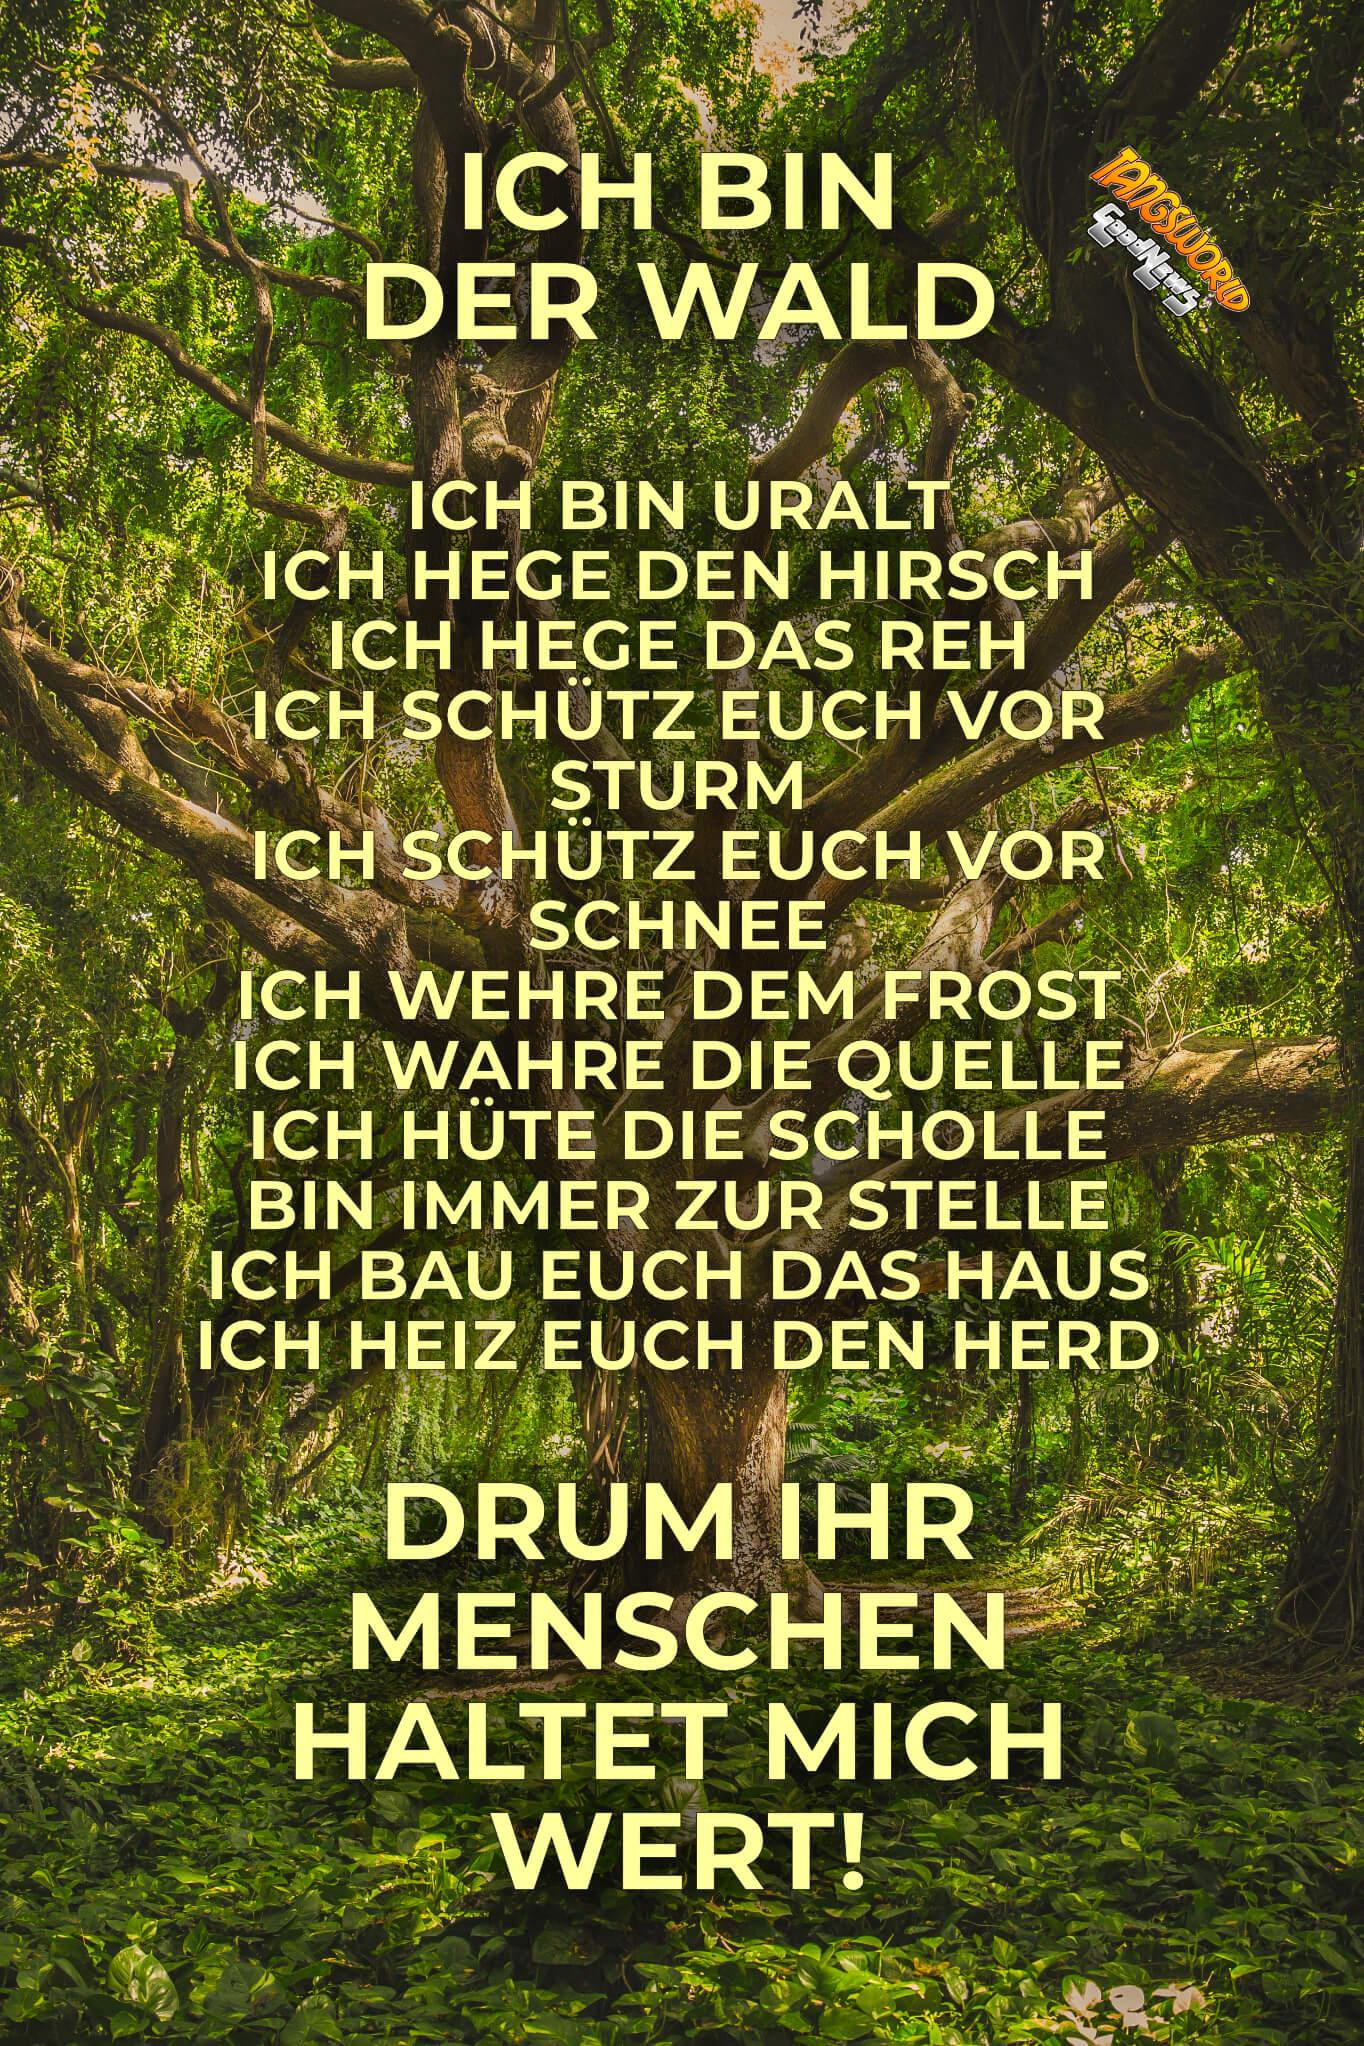 Ich bin der Wald - Inschrift an einem niedersächsischen Forsthaus aus dem 17. Jahrhundert Ich bin der Wald - GoodNews